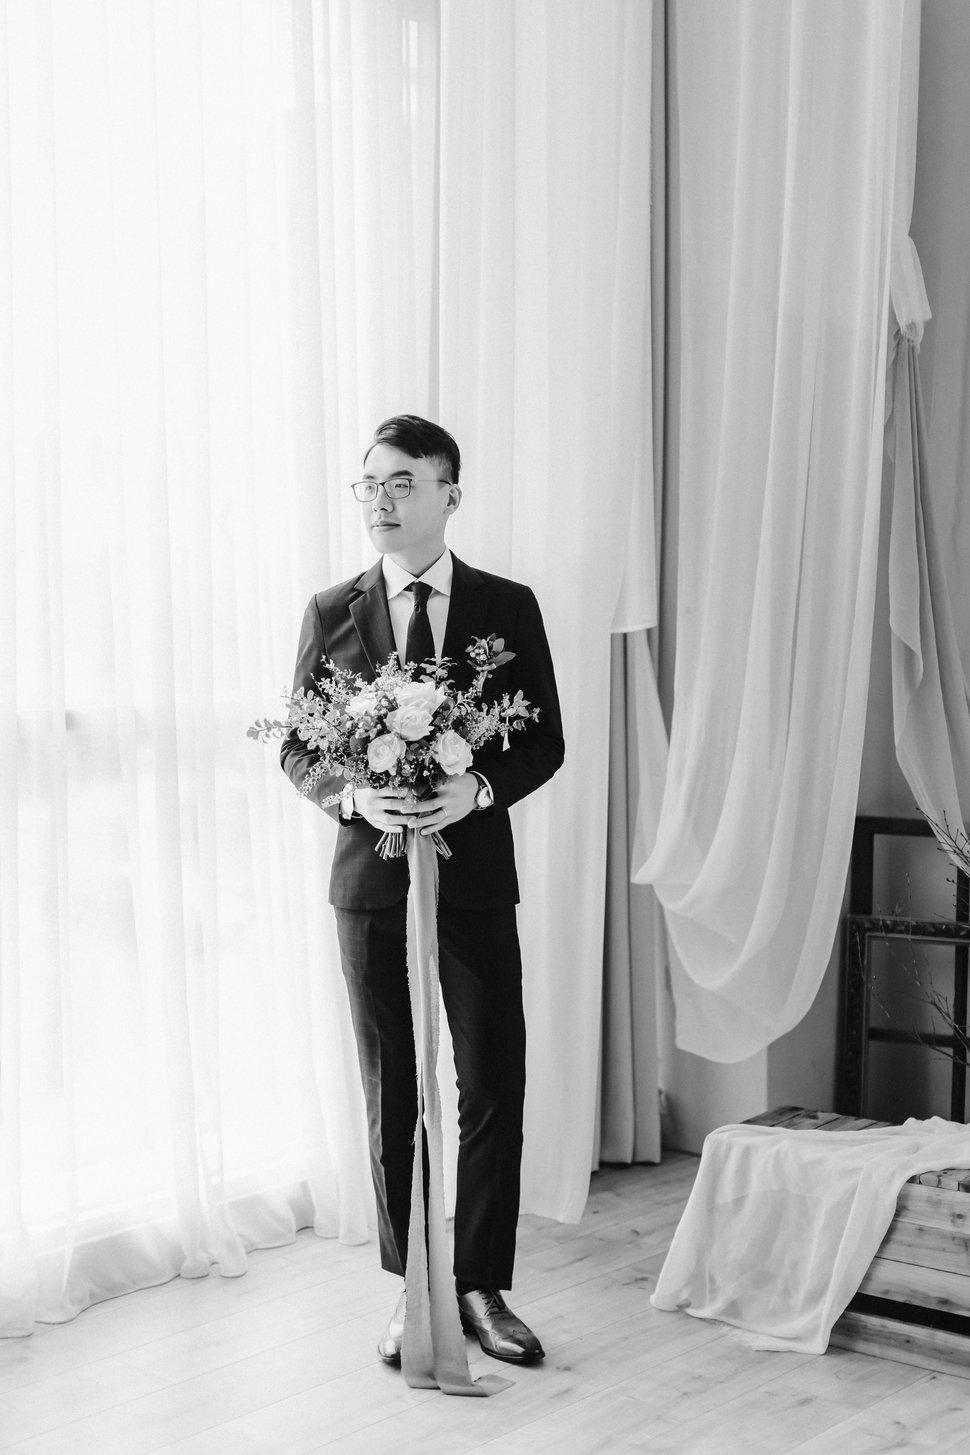 美式婚紗-自助婚紗-戶外婚紗-Amazing Grace攝影- Amazing Grace Studio-台北婚紗-台中婚紗-美式婚攝50 - Amazing Grace Studio《結婚吧》